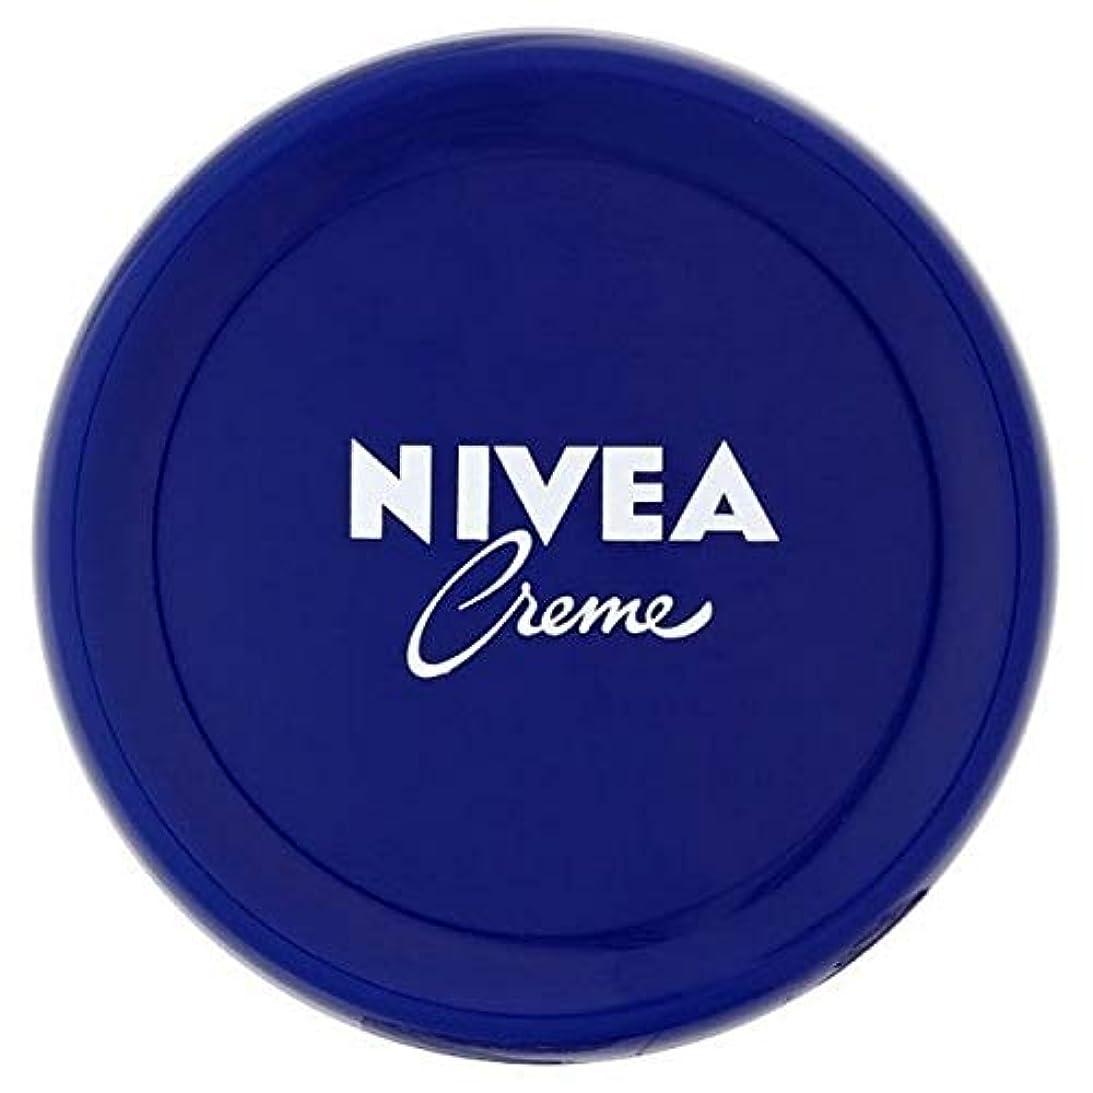 ミシン目振る舞う中央値[Nivea ] ニベアクリーム万能ボディクリーム、200ミリリットル - NIVEA Creme All Purpose Body Cream, 200ml [並行輸入品]